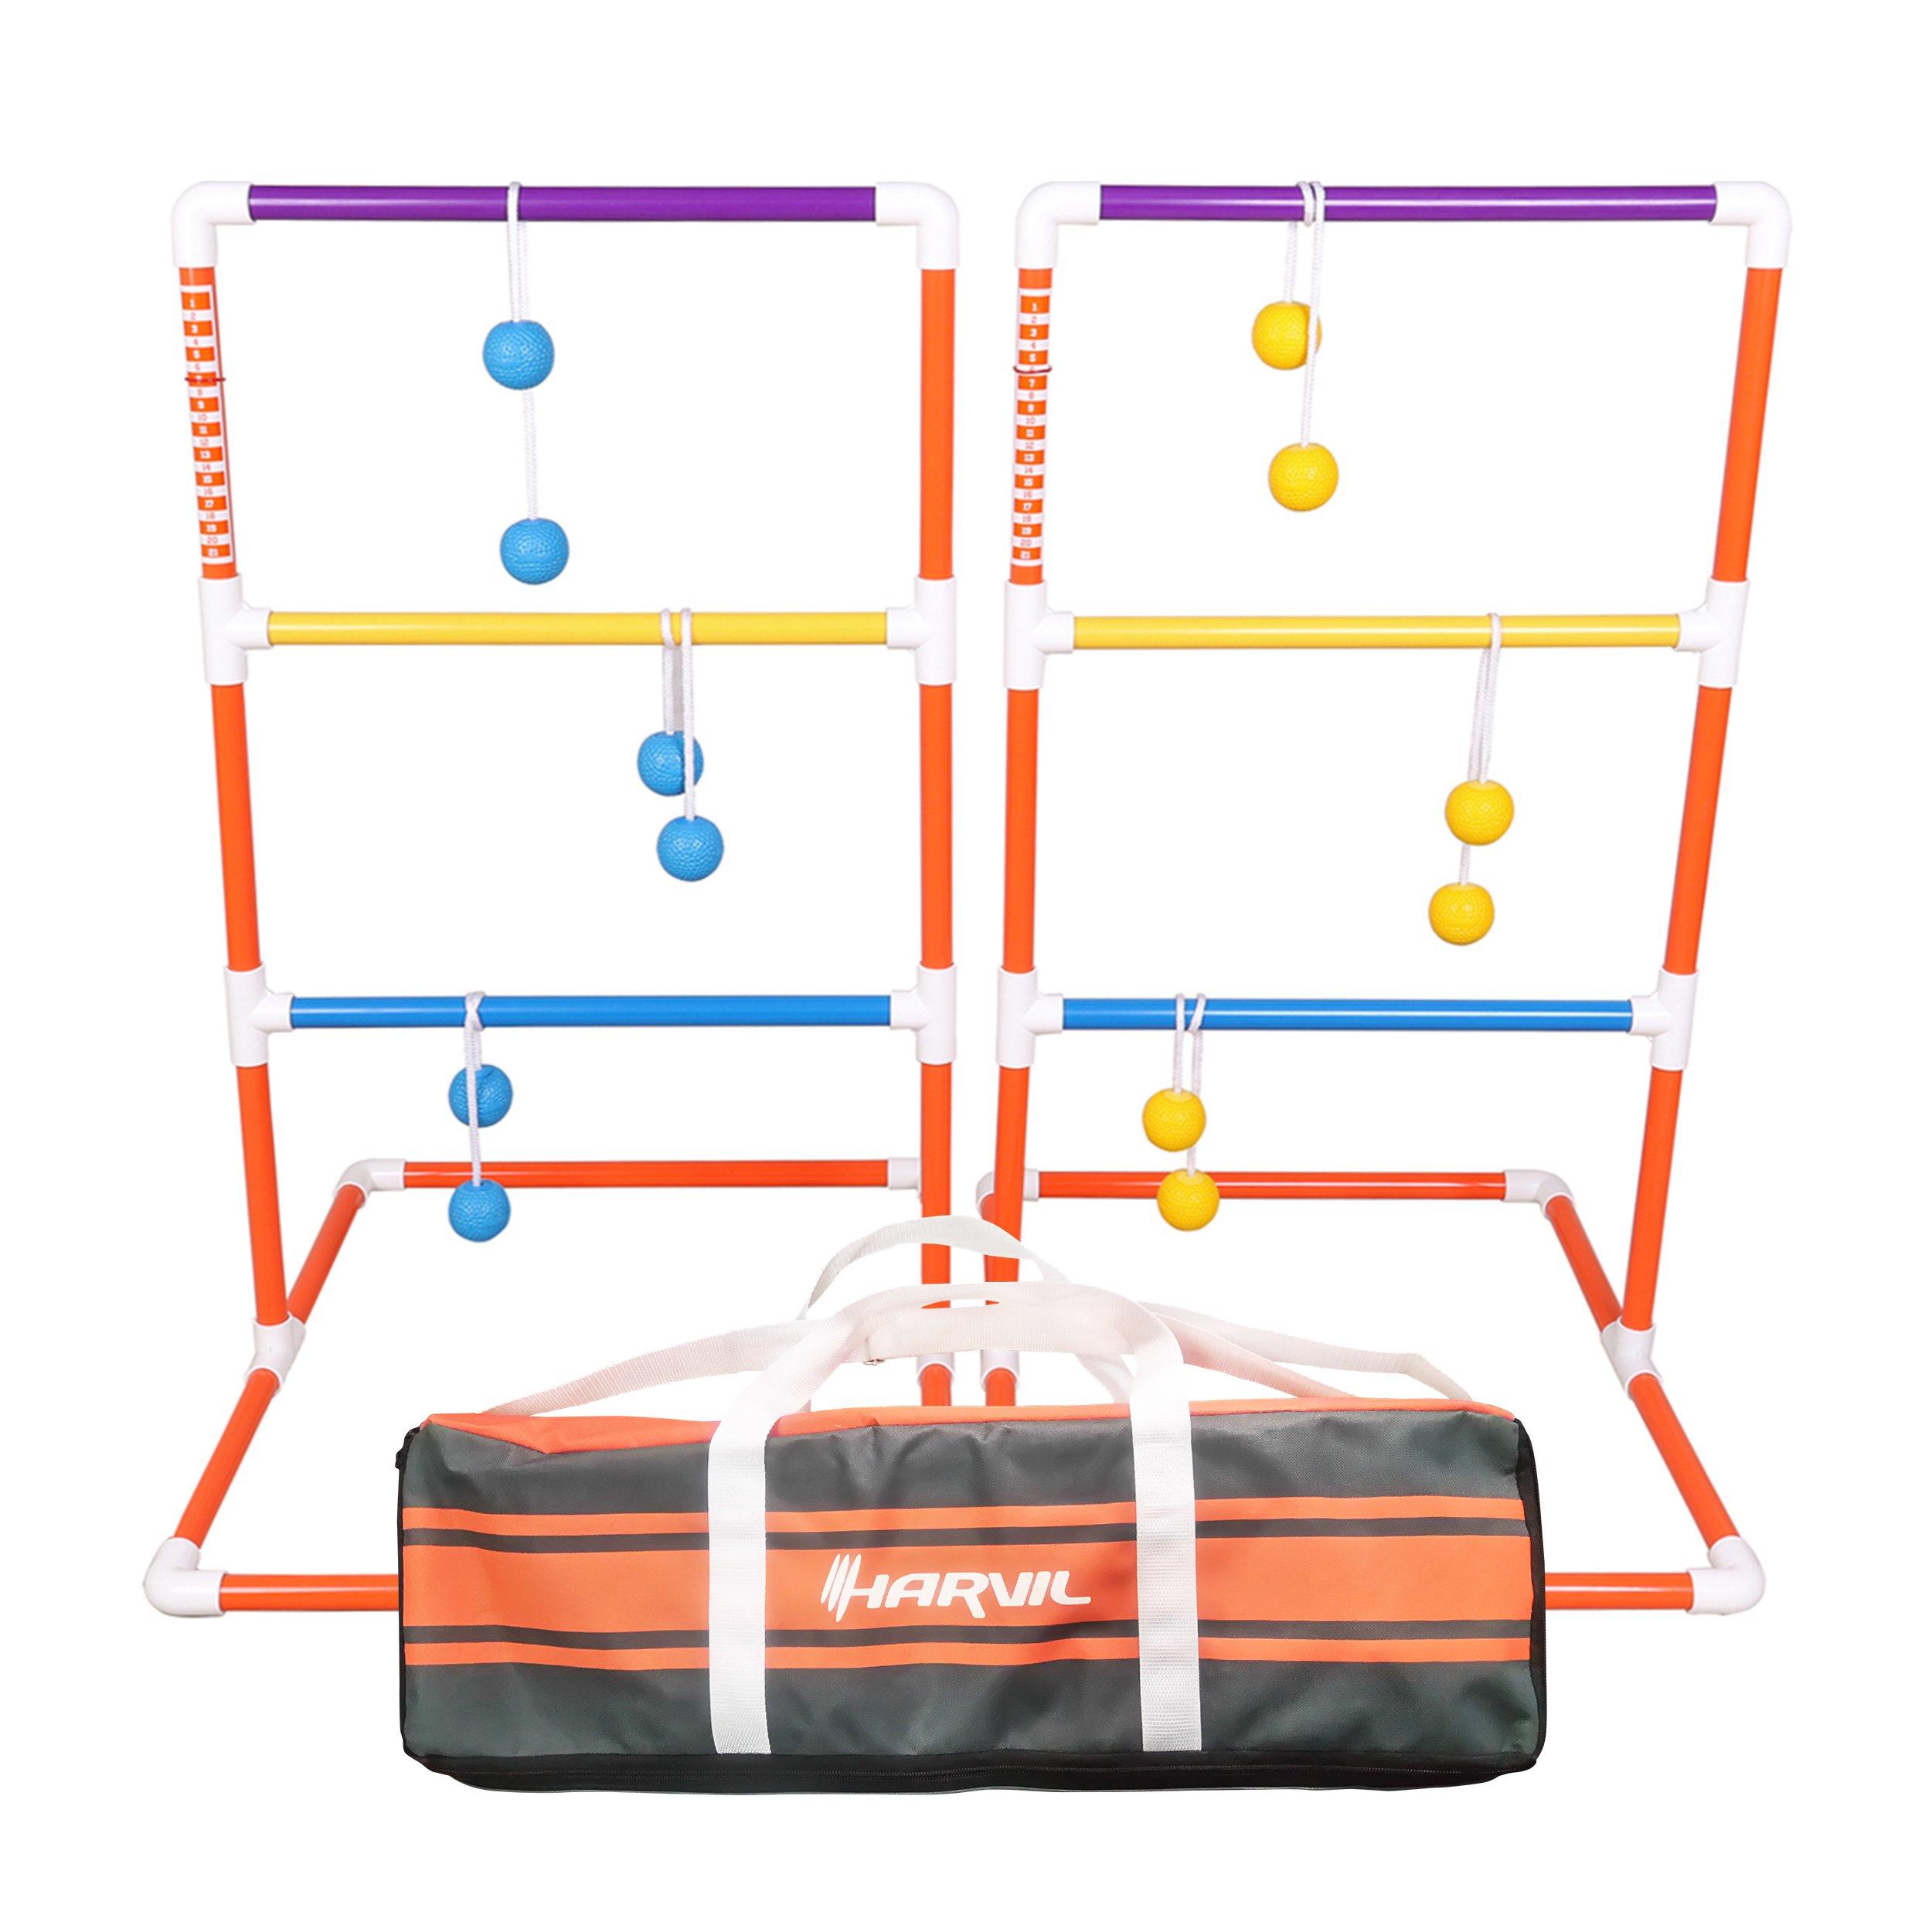 Harvil Premium Ladder Targets Carrying